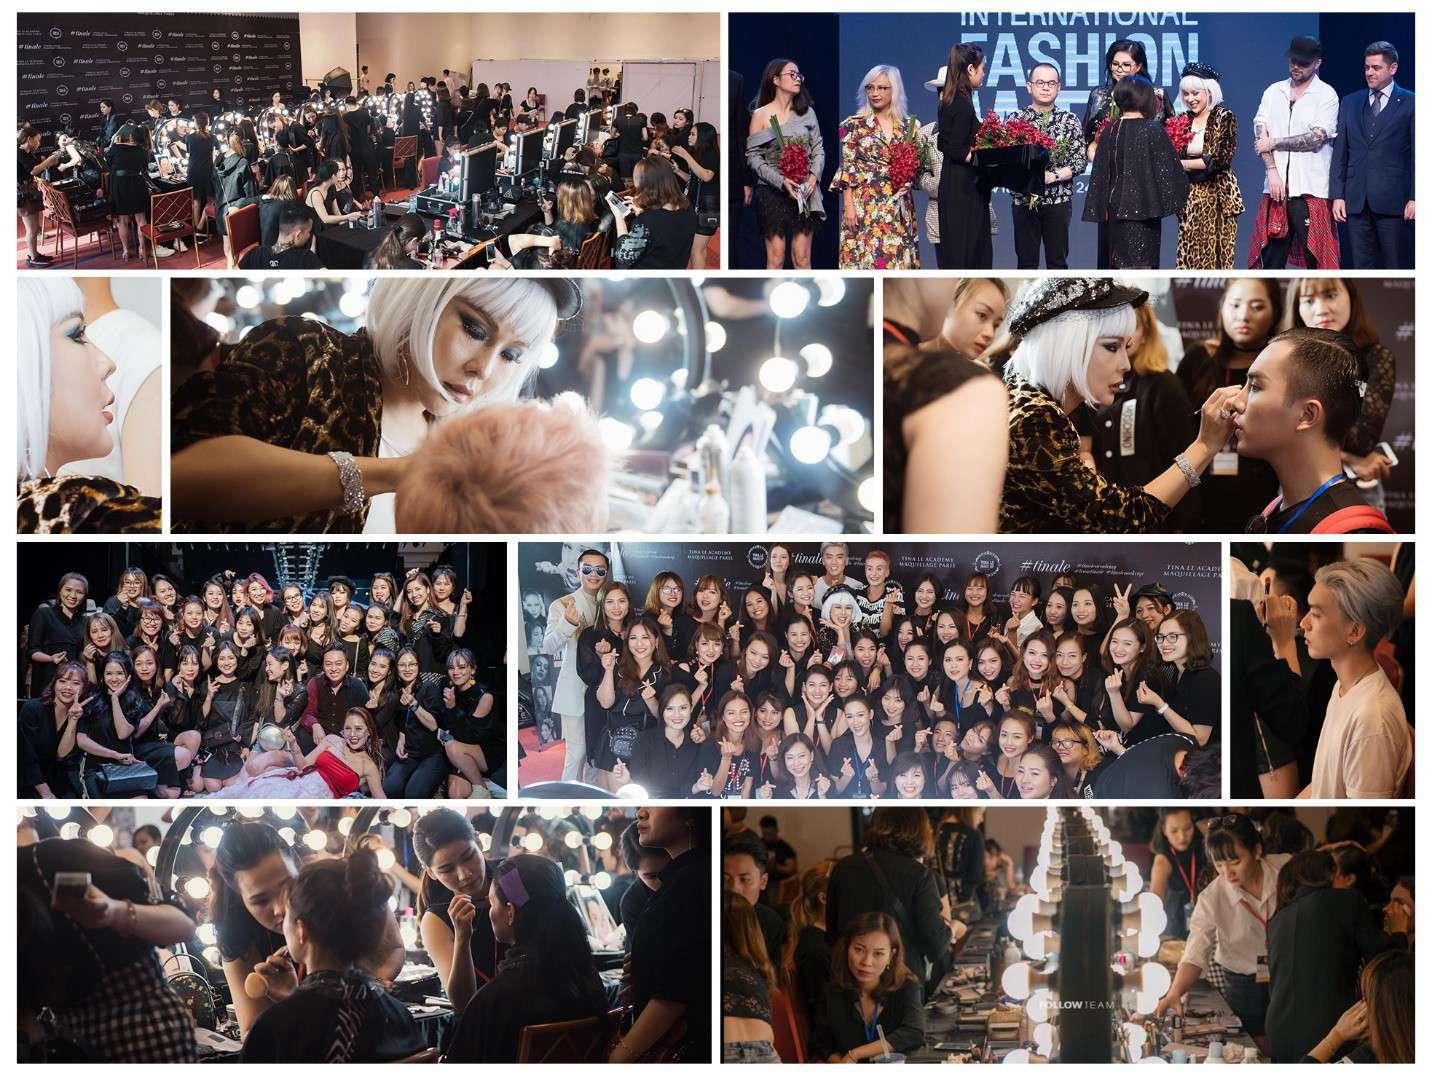 Tự hào là đơn vị đồng hành, Tina Lê và ekip đã góp phần tạo nên thành công vang dội tại tuần lễ thời trang mang tầm cỡ quốc tế Vietnam International Fashion Week (VIFW) 2018